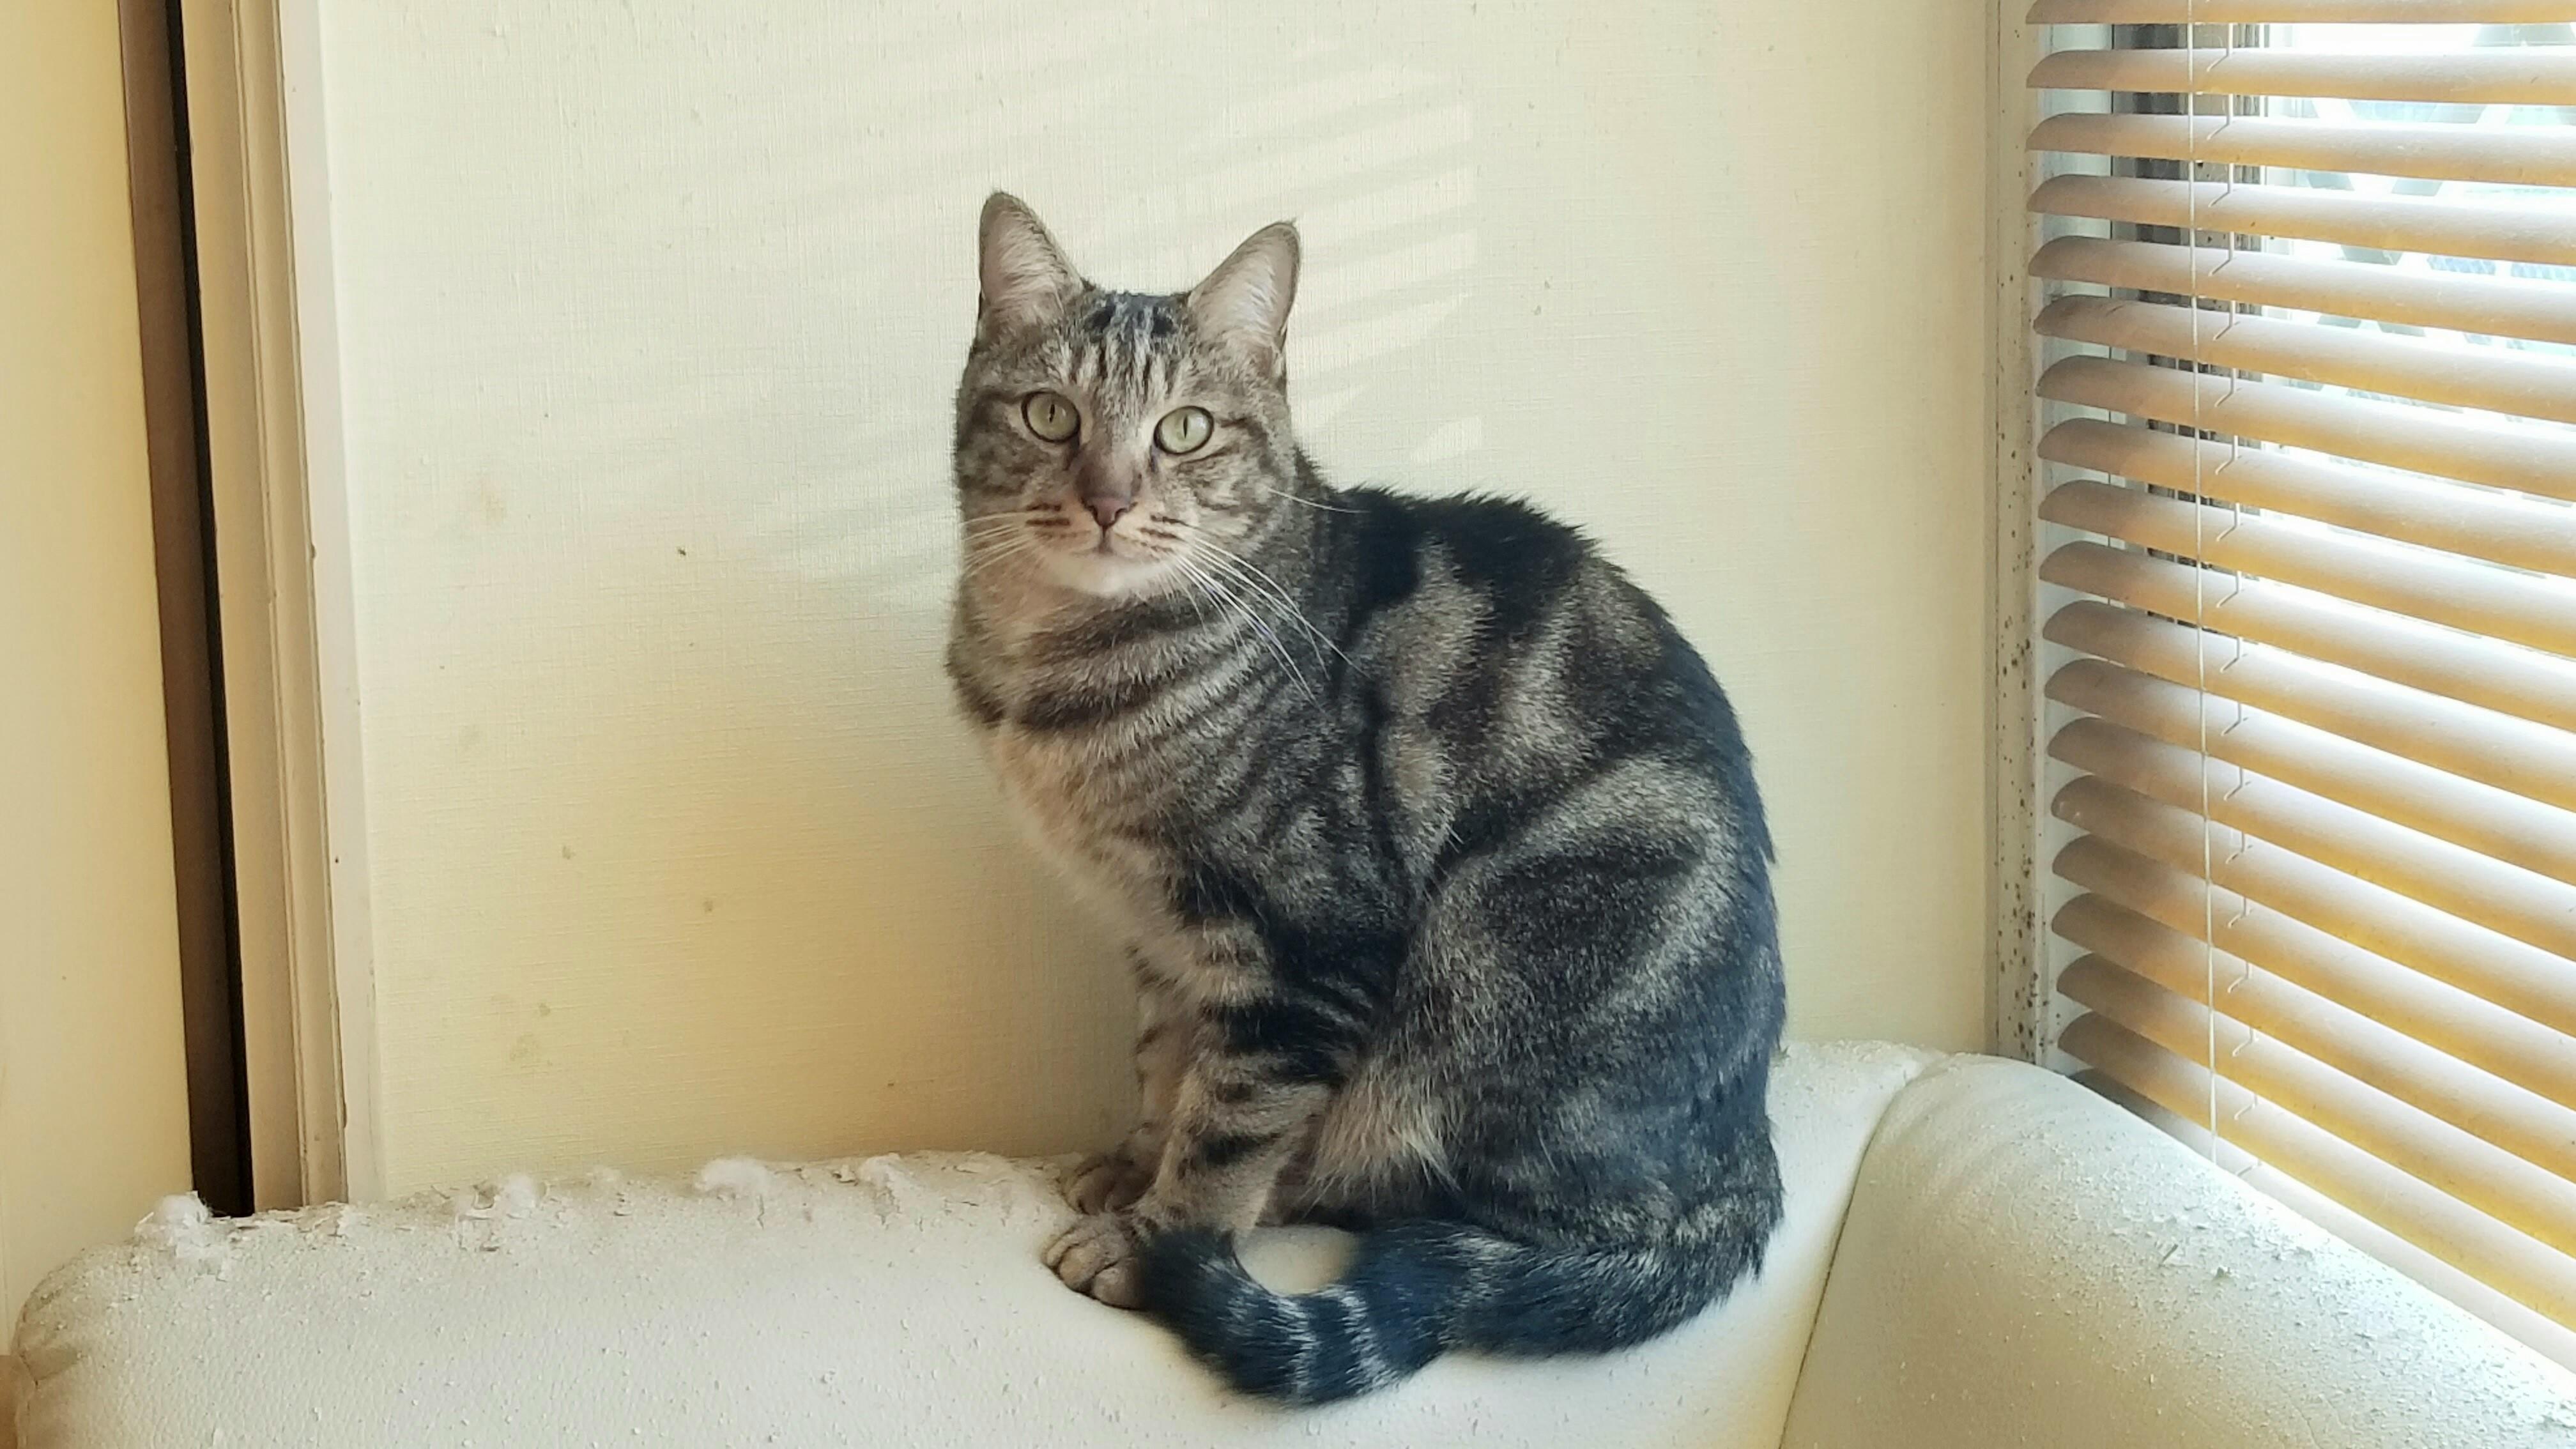 おばいとこの猫にゃんこかわいい素敵な画像写真野良黒綺麗かっこいい